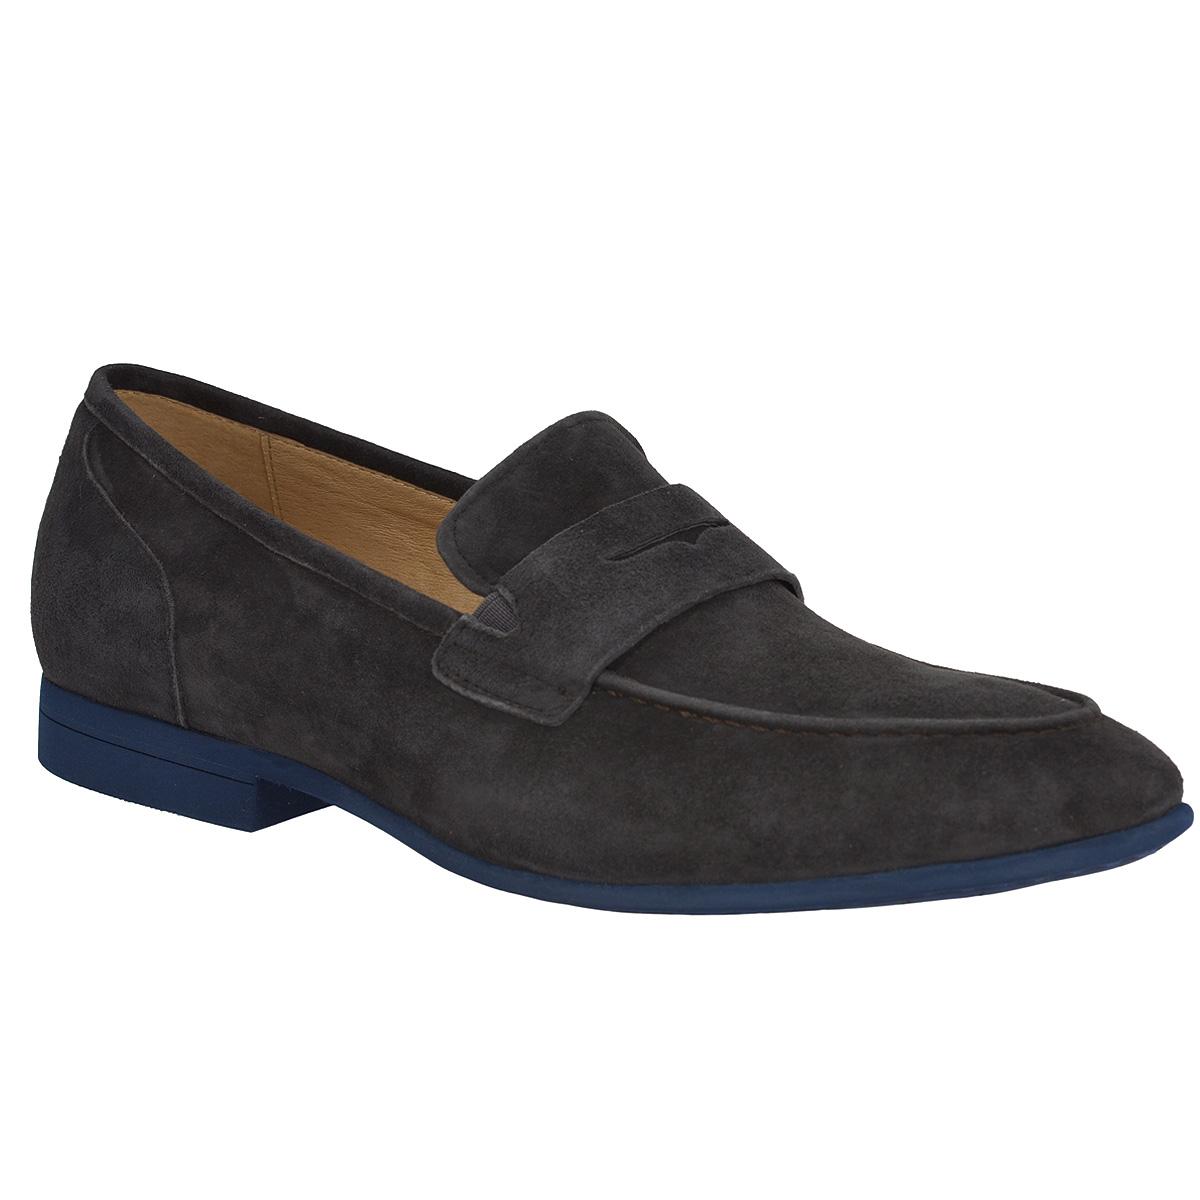 Туфли мужские. M13525M13525Модные мужские туфли Vitacci займут достойное место в вашем гардеробе. Модель изготовлена из натуральной замши. Мыс изделия оформлен декоративным внешним швом и декоративным ремнем с прорезью. Резинки, расположенные на подъеме, обеспечивают оптимальную посадку модели на ноге. Стелька из натуральной кожи позволяет ногам дышать. Подкладка выполнена из нубука. Низкий каблук и подошва из вспененного полимера EVA дополнены противоскользящим рифлением. Стильные туфли не оставят равнодушным ни одного мужчину.